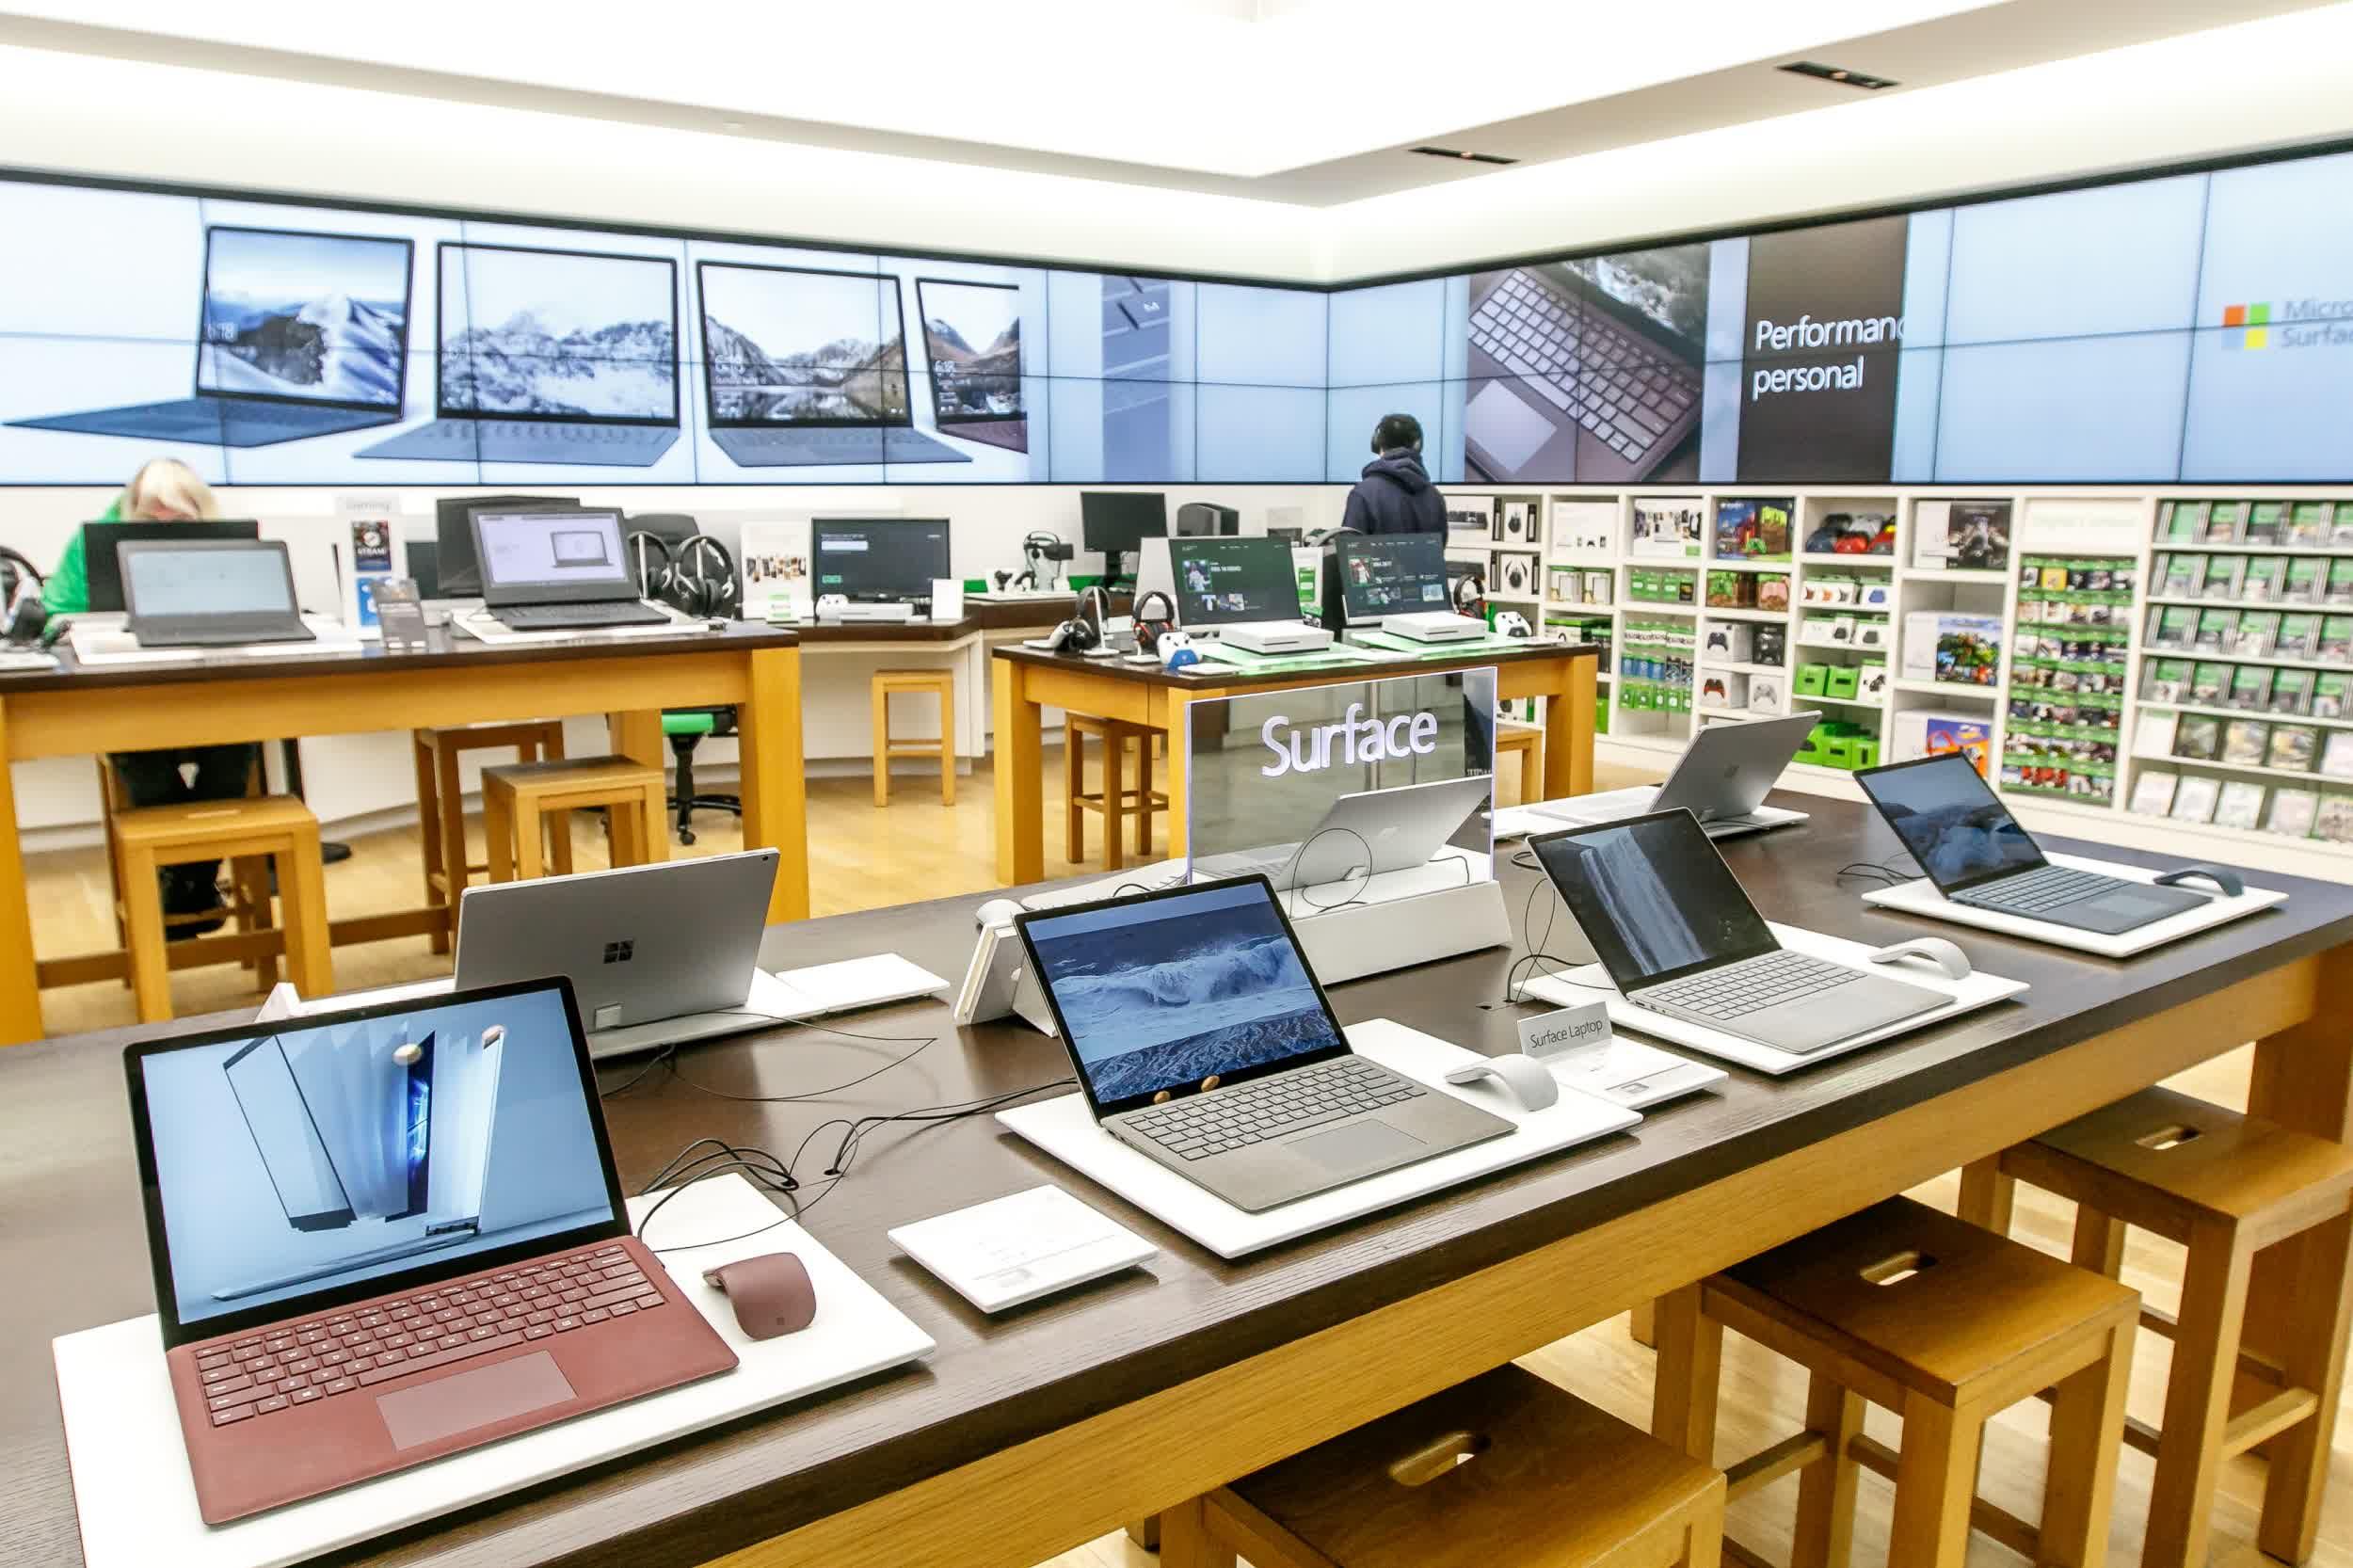 Lojas terão alguns produtos das linhas Xbox, Surface e Microsoft 365.